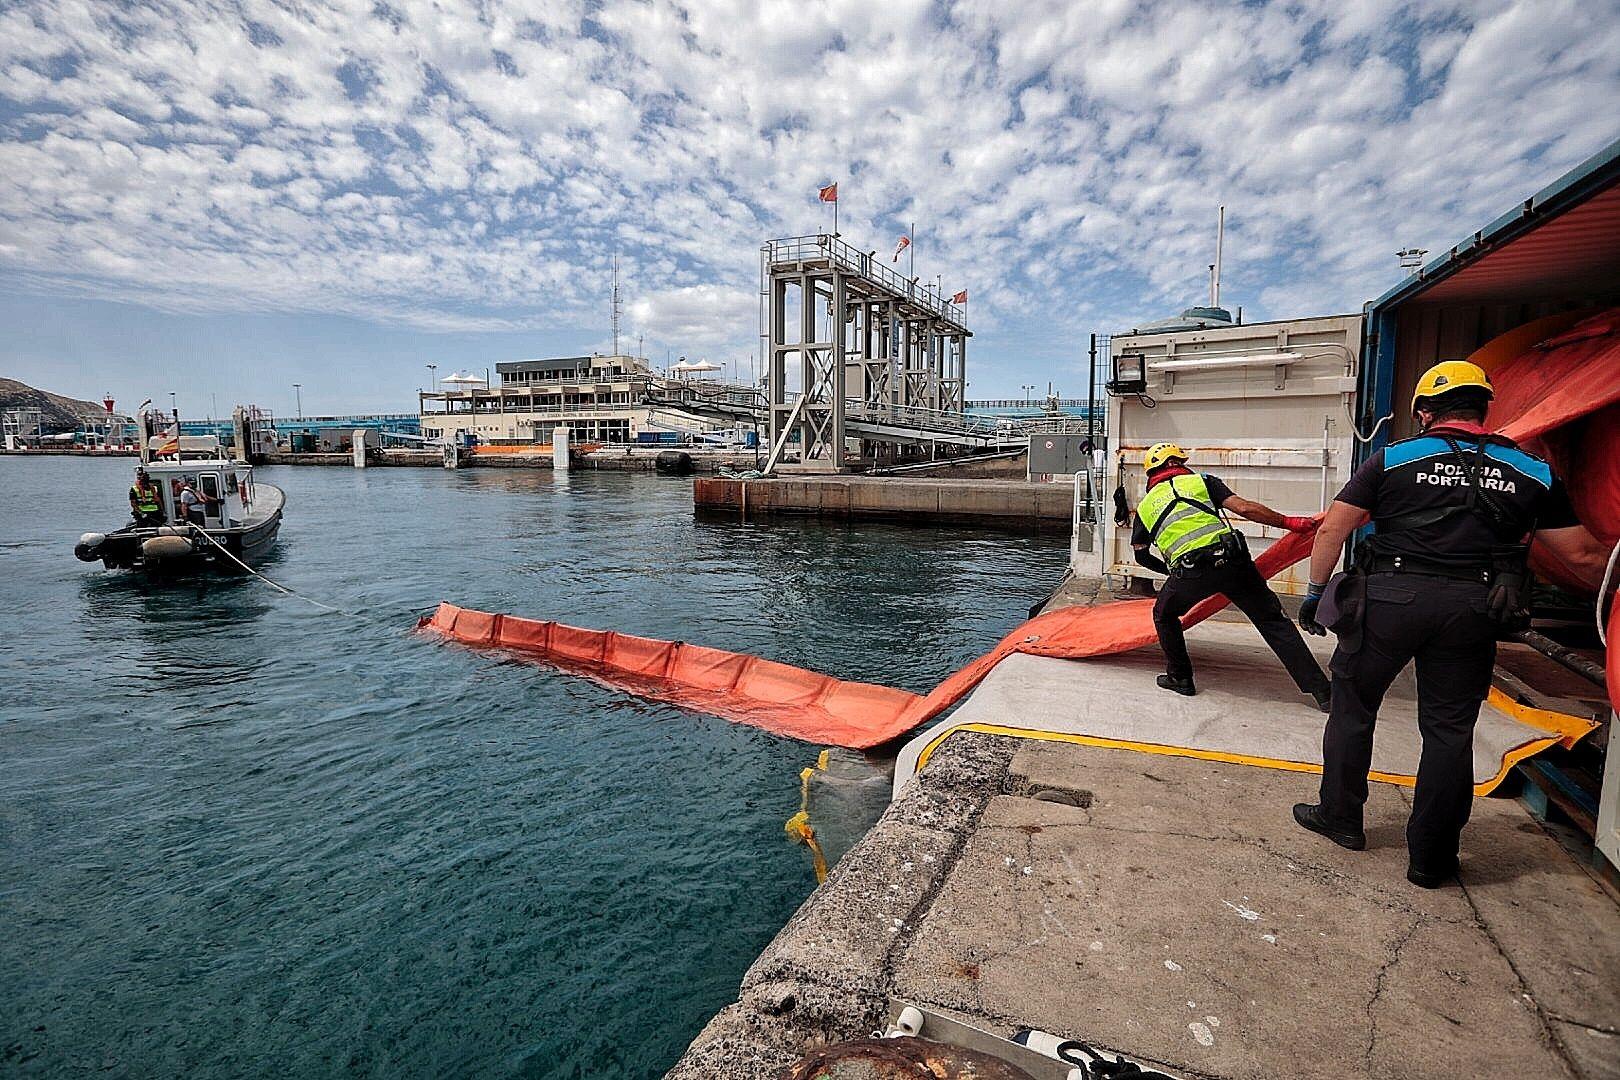 Simulacro de accidente marítimo en Los Cristianos